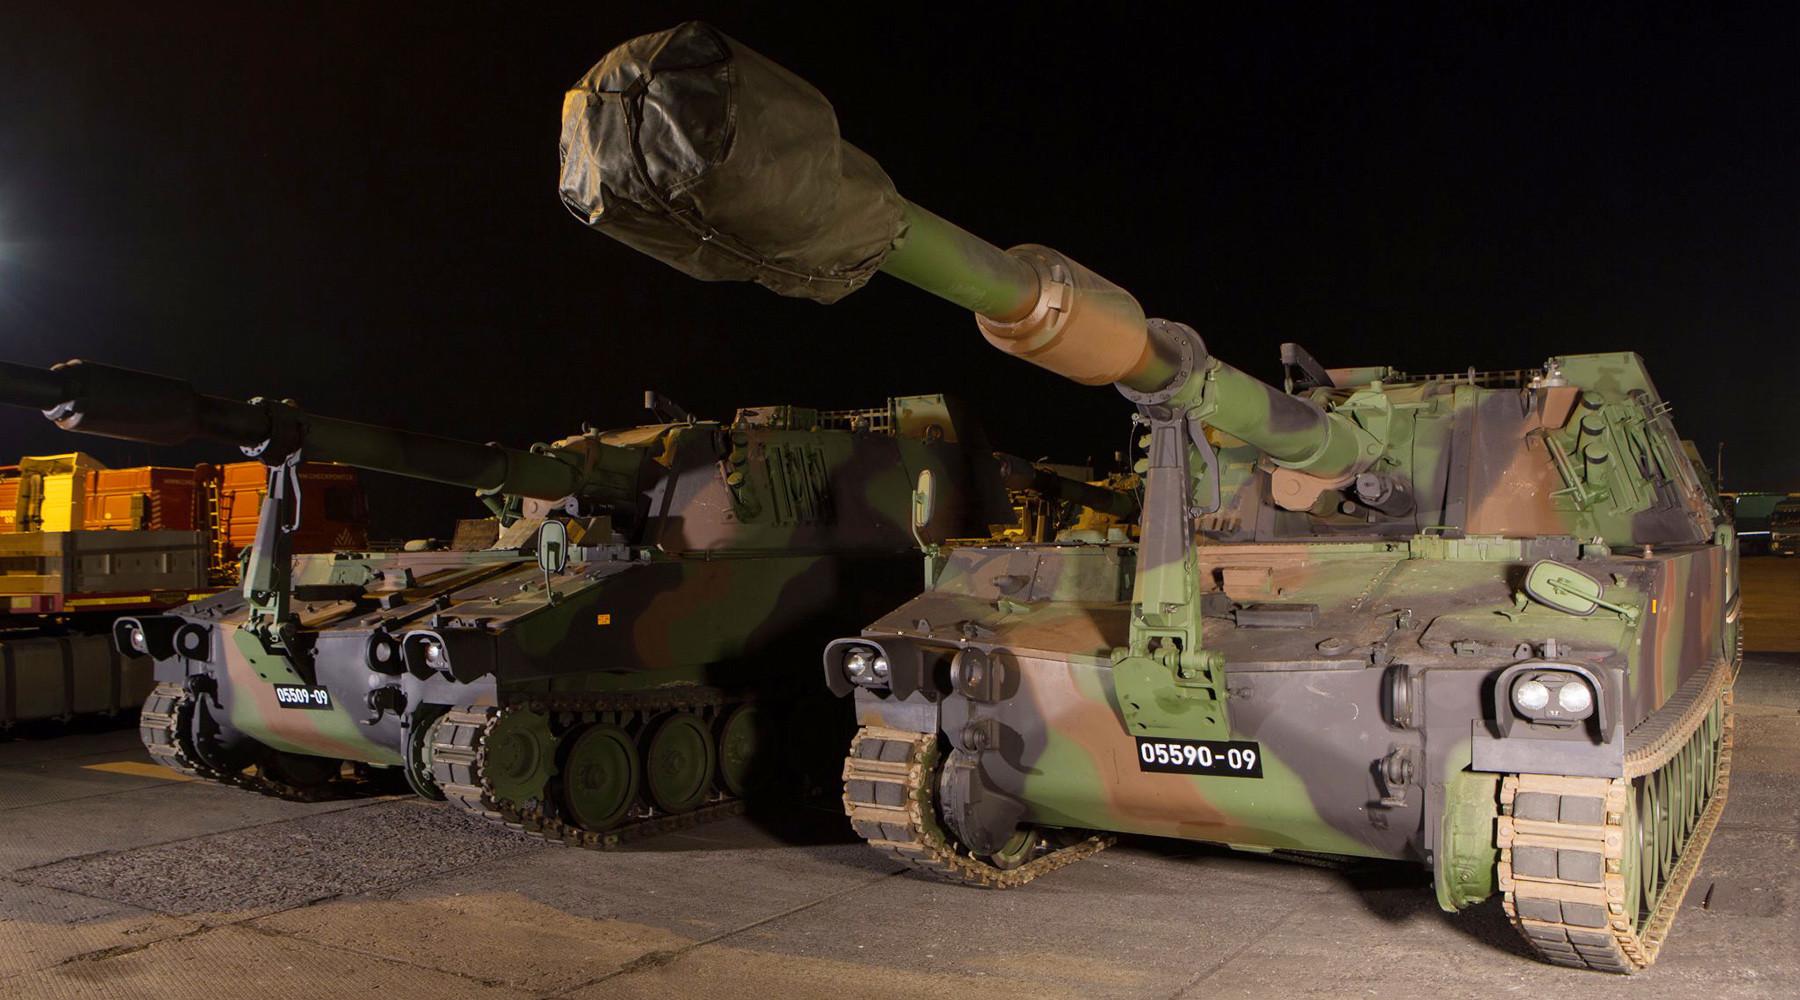 Армейский секонд-хэнд: зачем Латвия закупила подержанные самоходные гаубицы